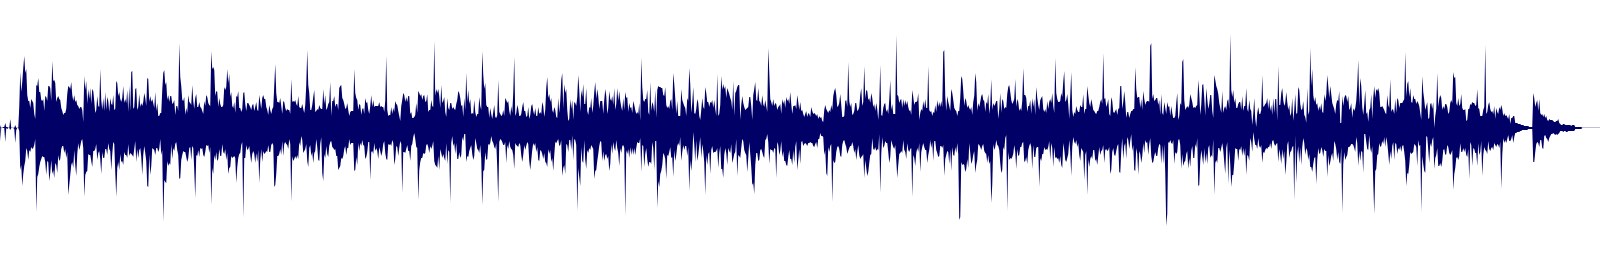 waveform of track #112573